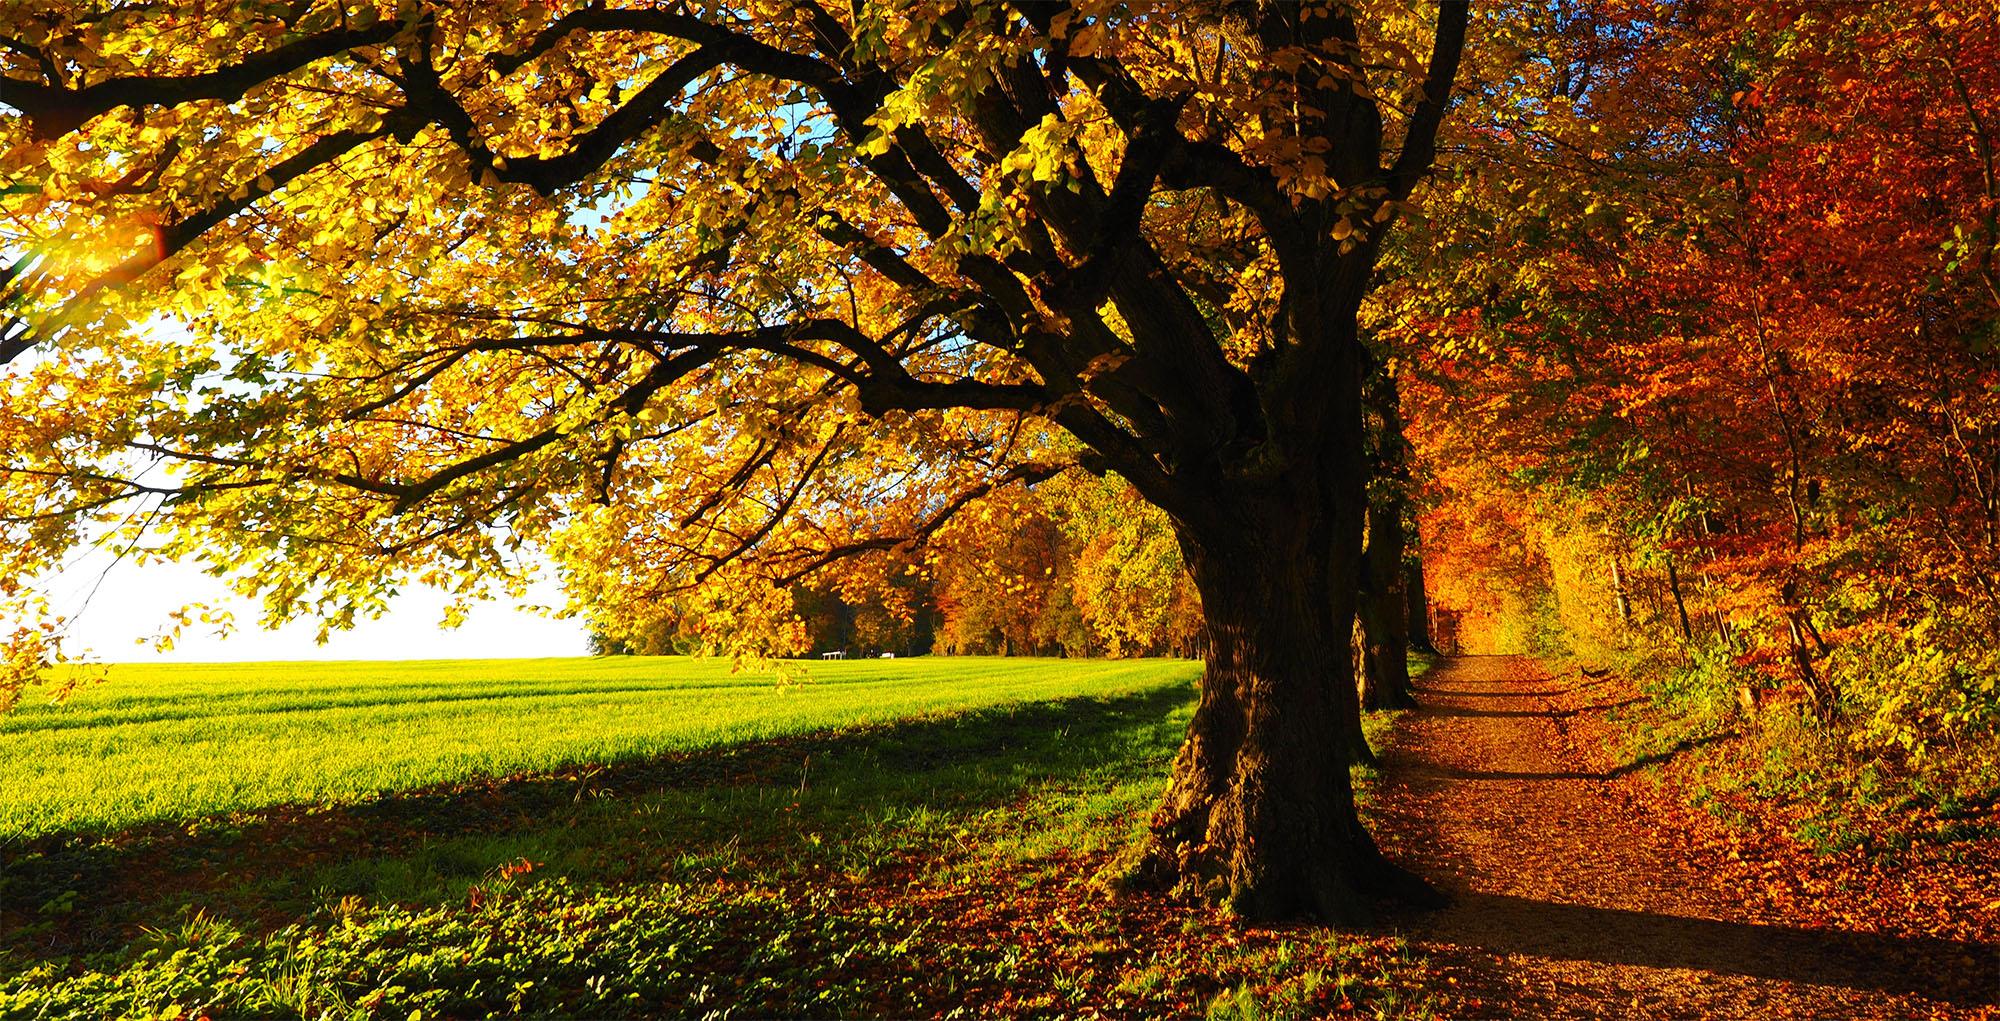 Baumpflege im Herbst